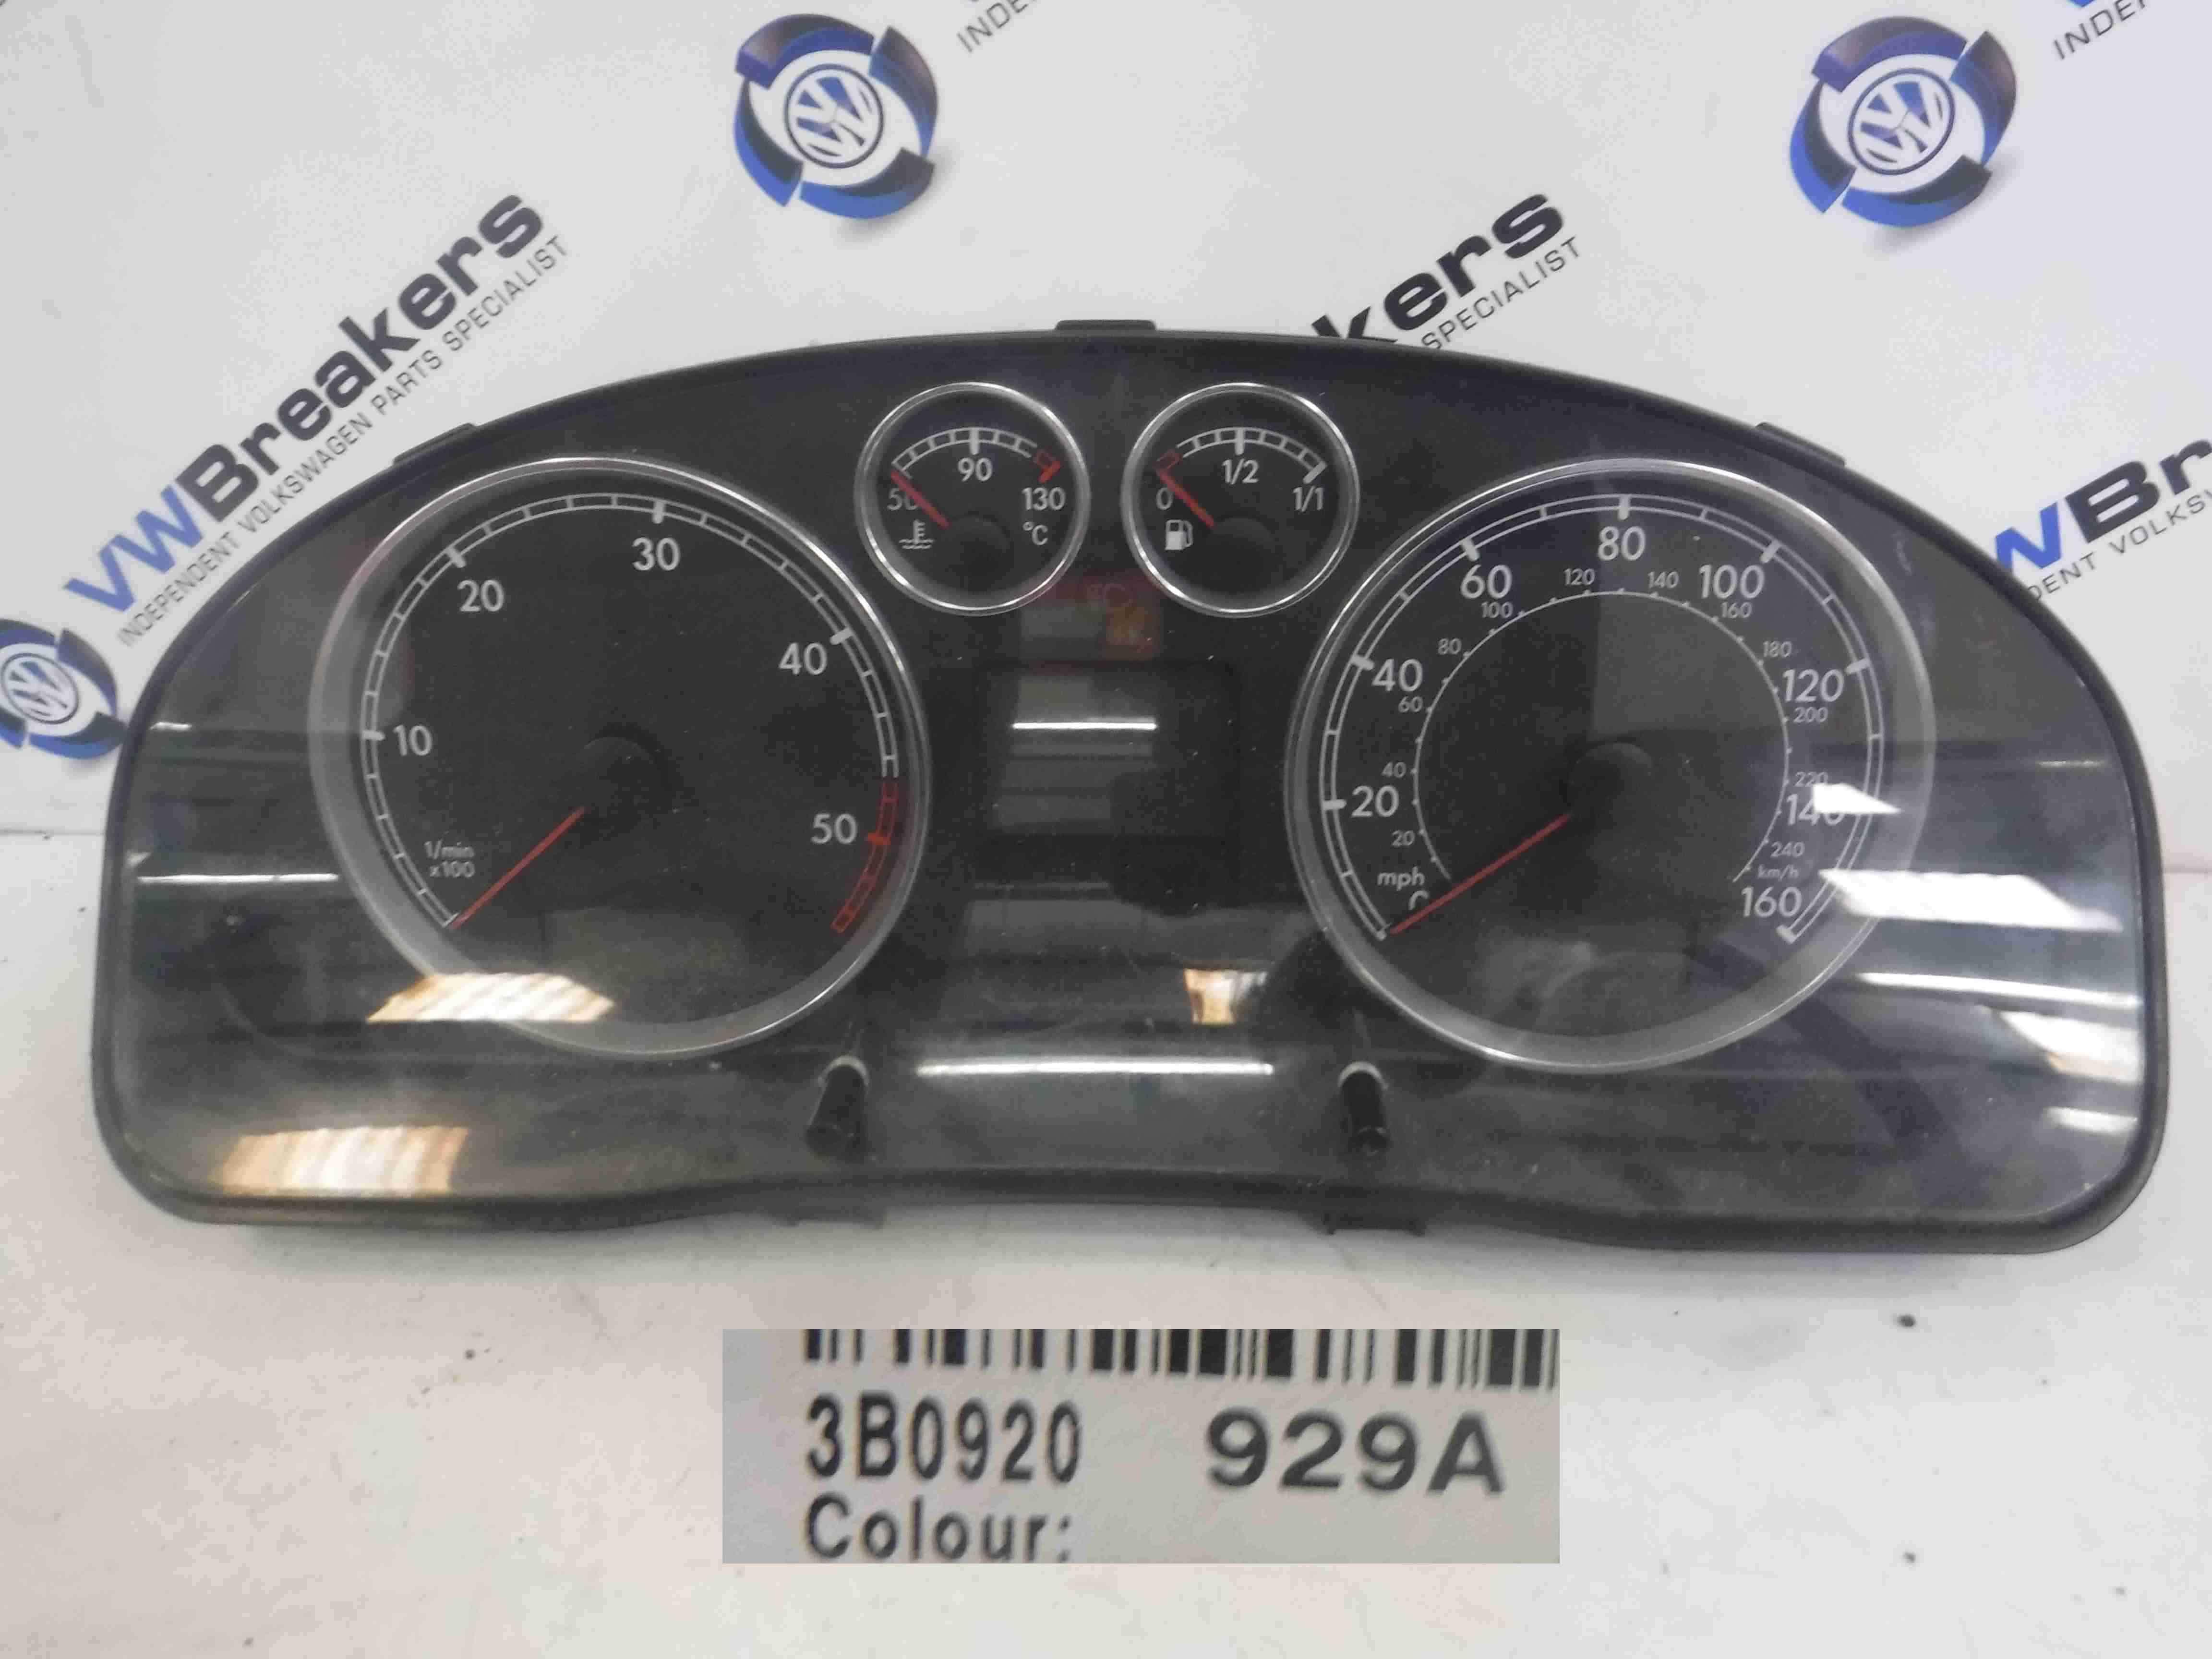 Volkswagen Passat 2001-2005 B5.5 Instrument Panel Dials Gauges Clocks 200K